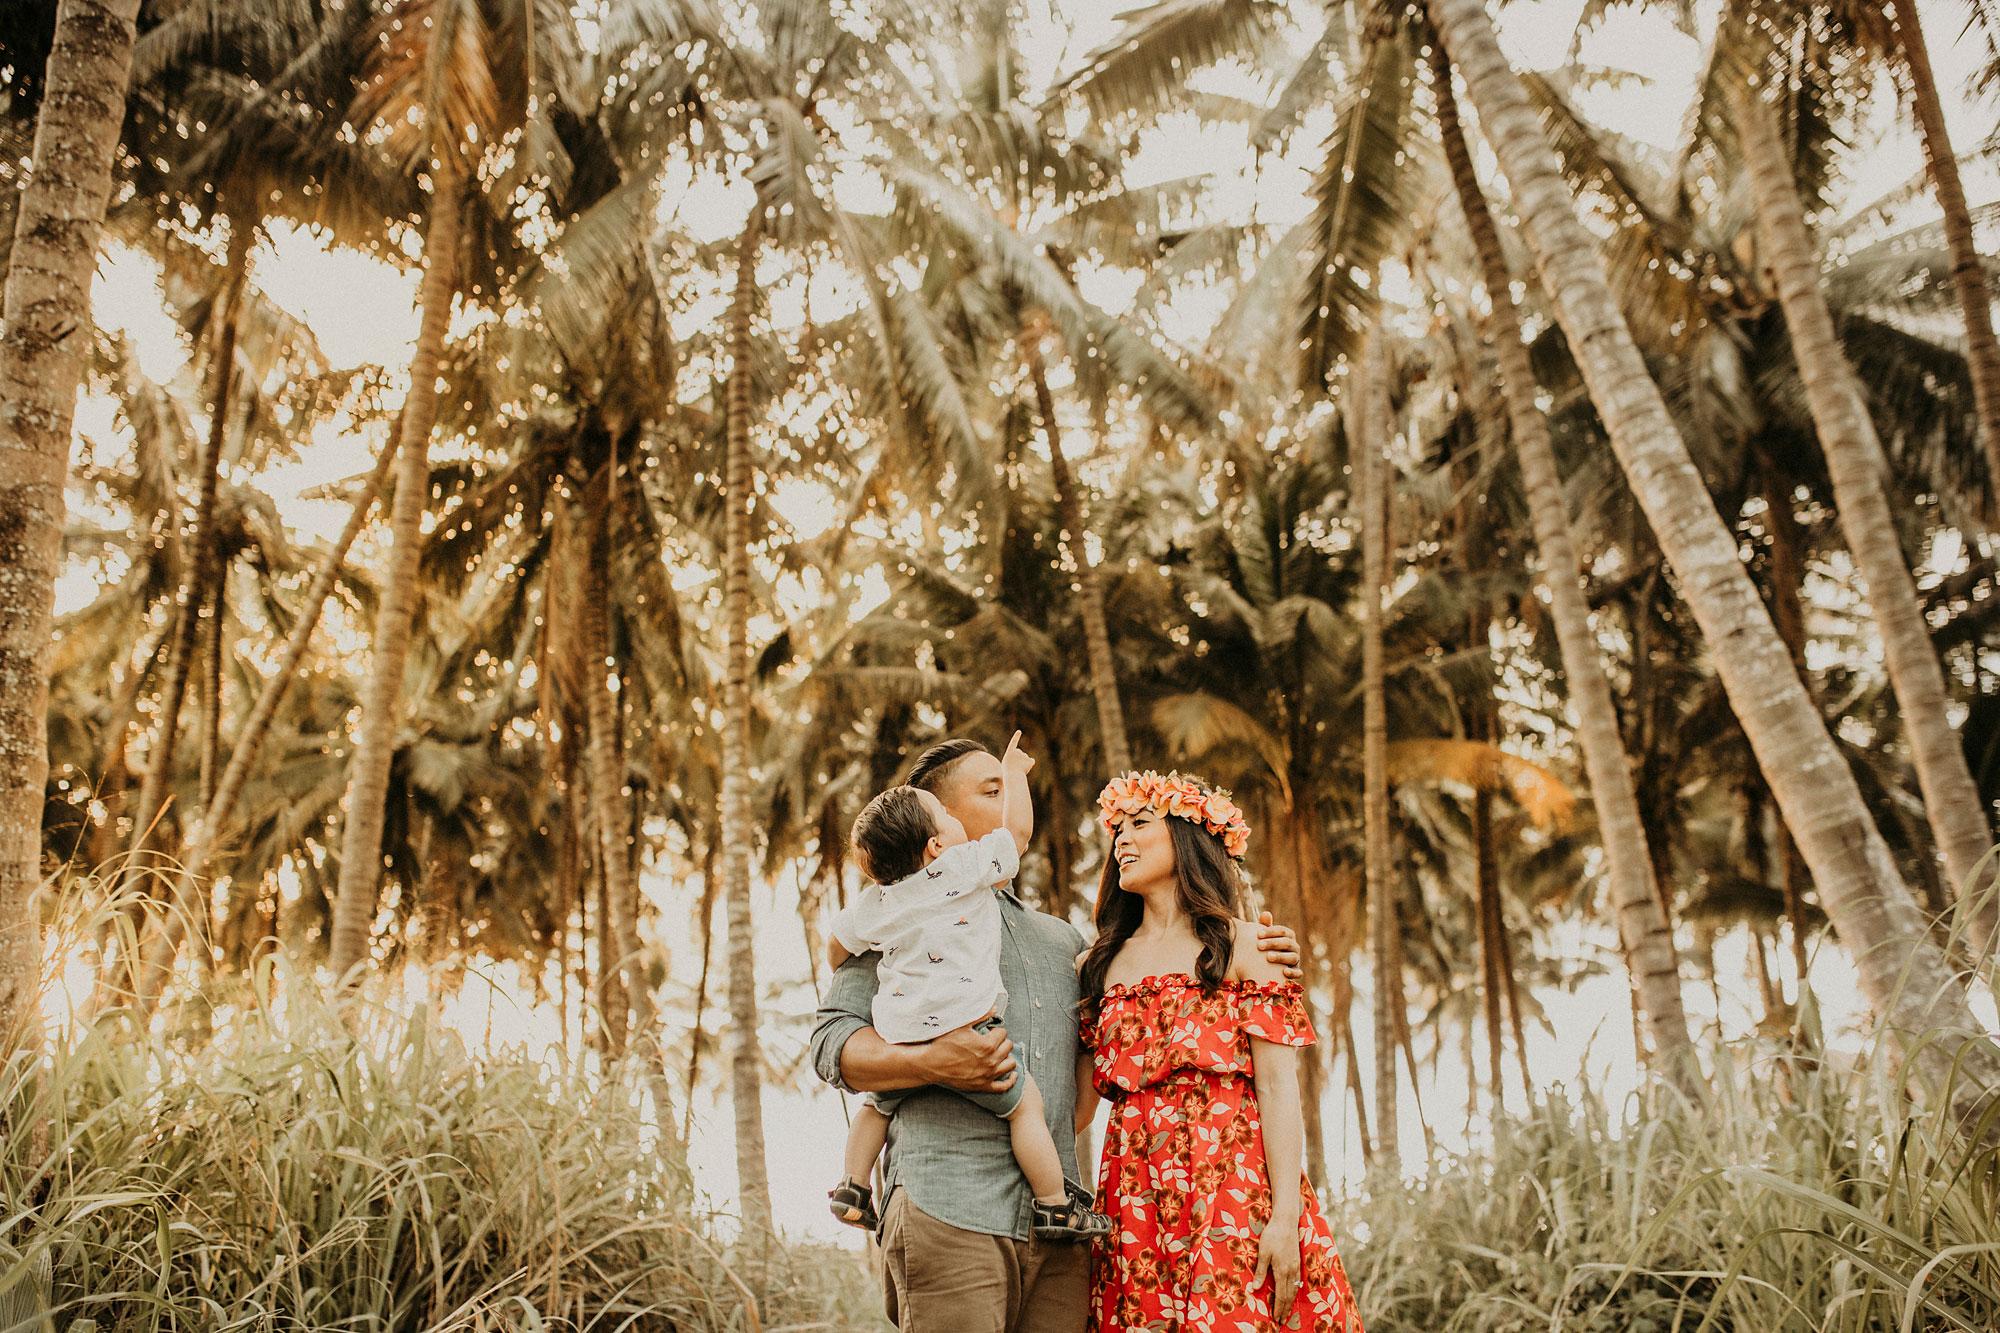 palm-tree-jungle-oahu-family-photographer-14.jpg